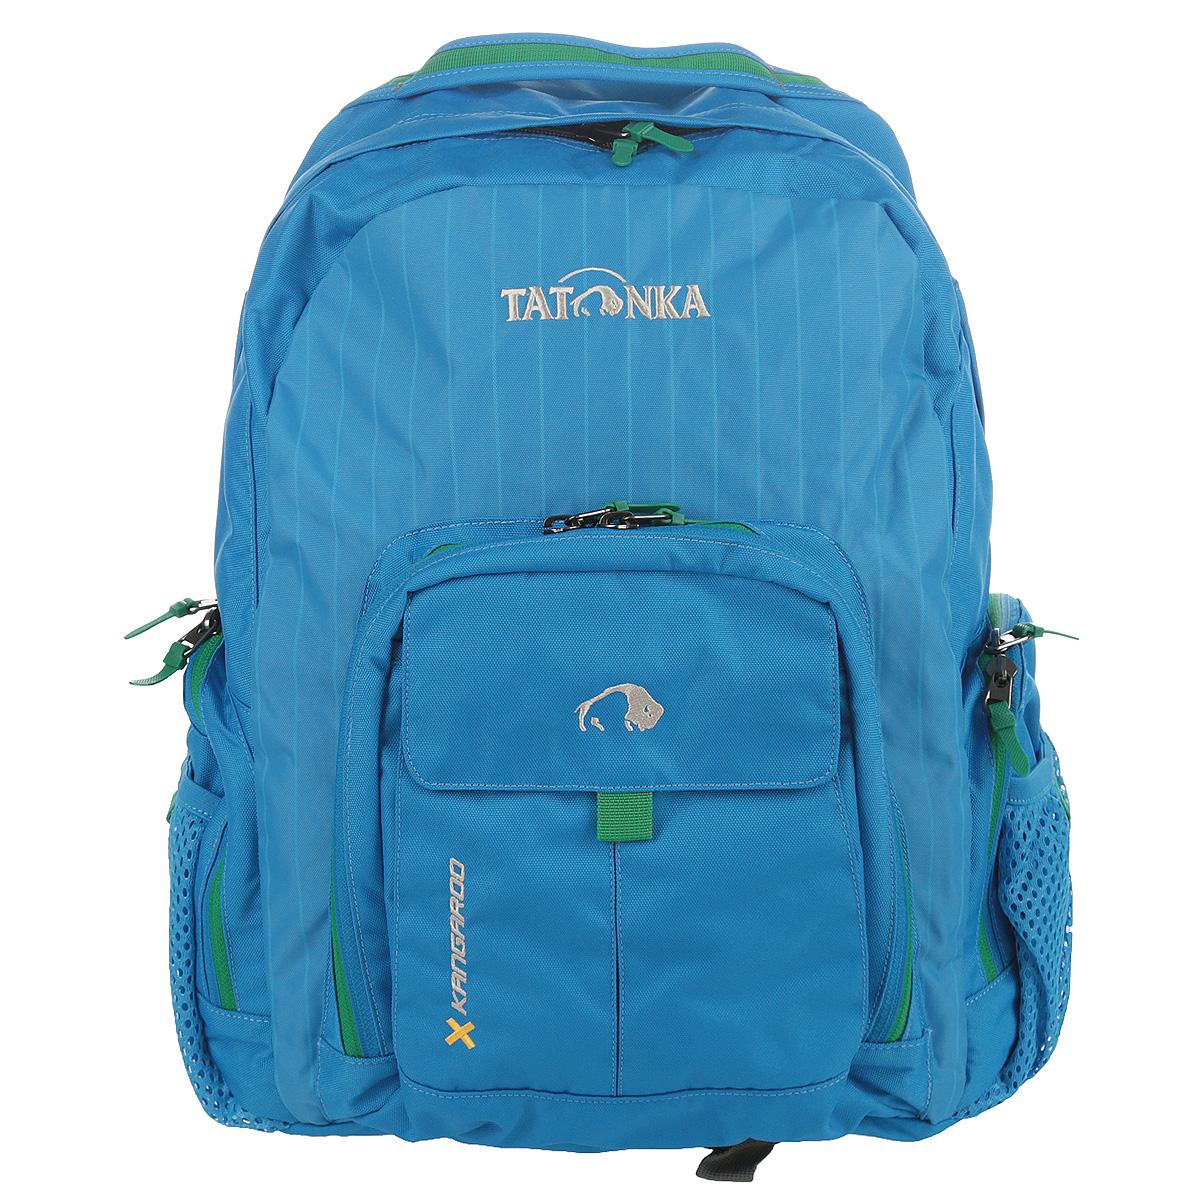 Рюкзак городской Tatonka Kangaroo, цвет: голубой, 27 л. 1601.1941601.194